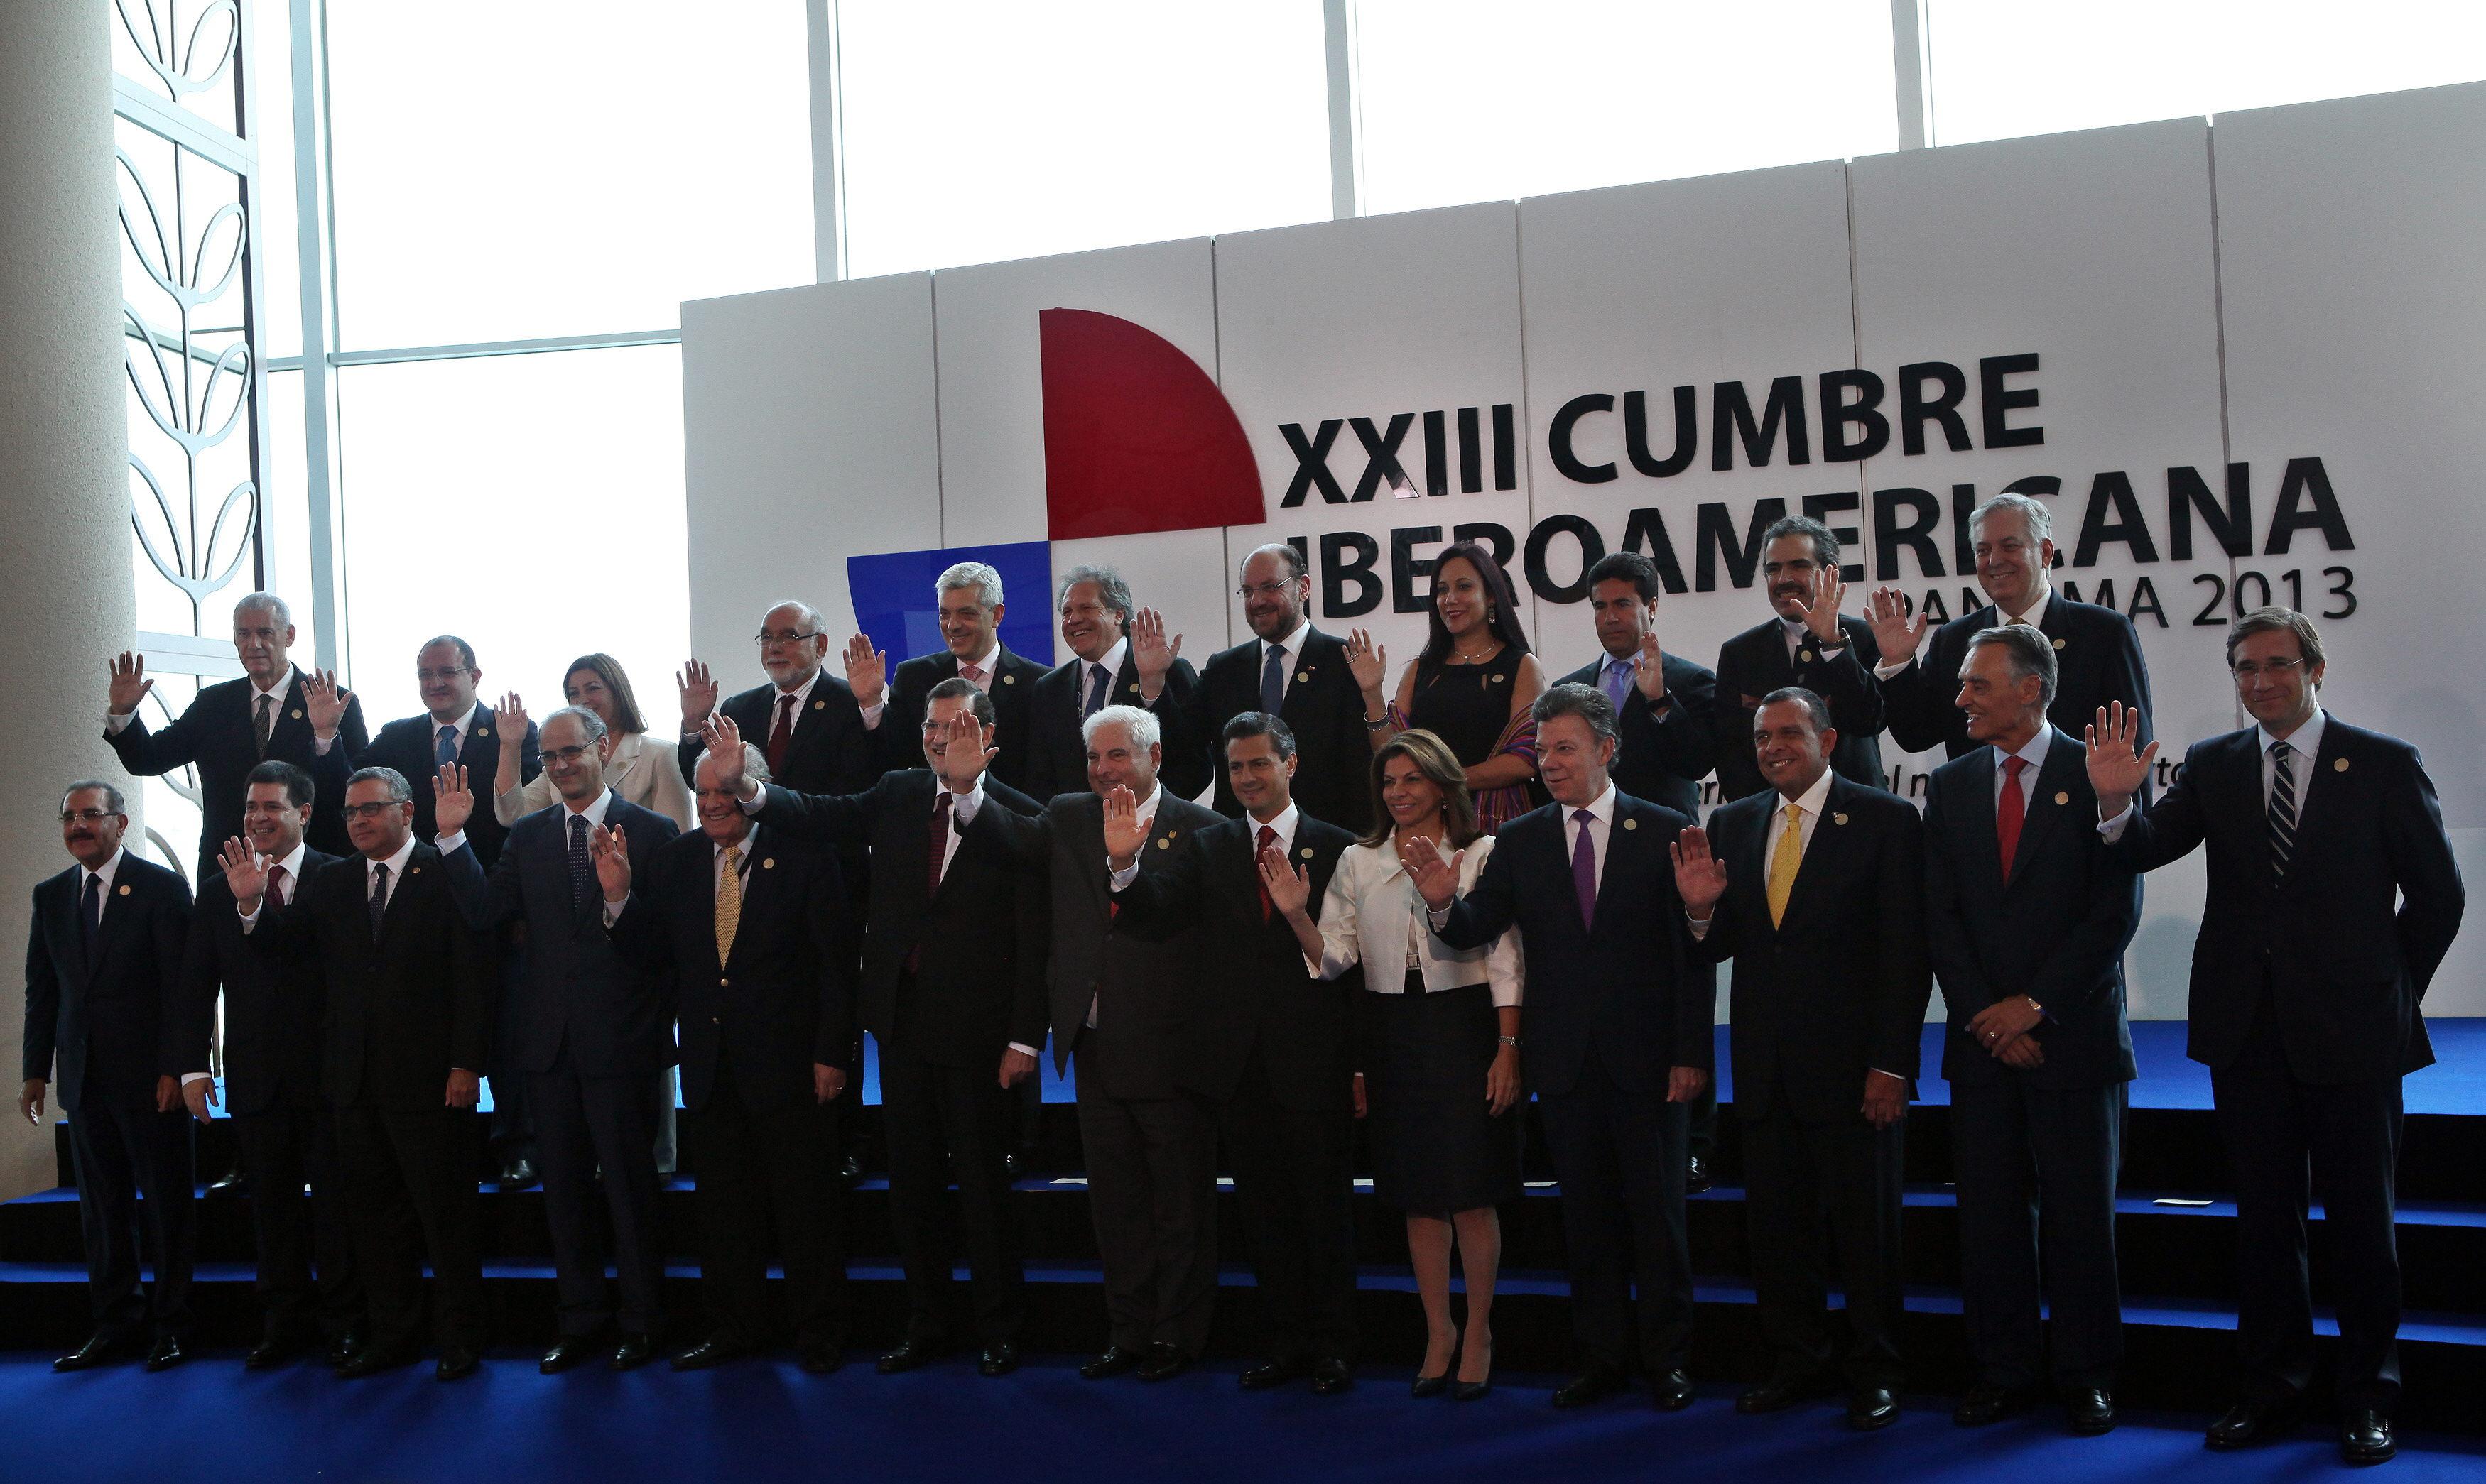 Los líderes iberoamericanos dan luz verde a la reforma de sus cumbres